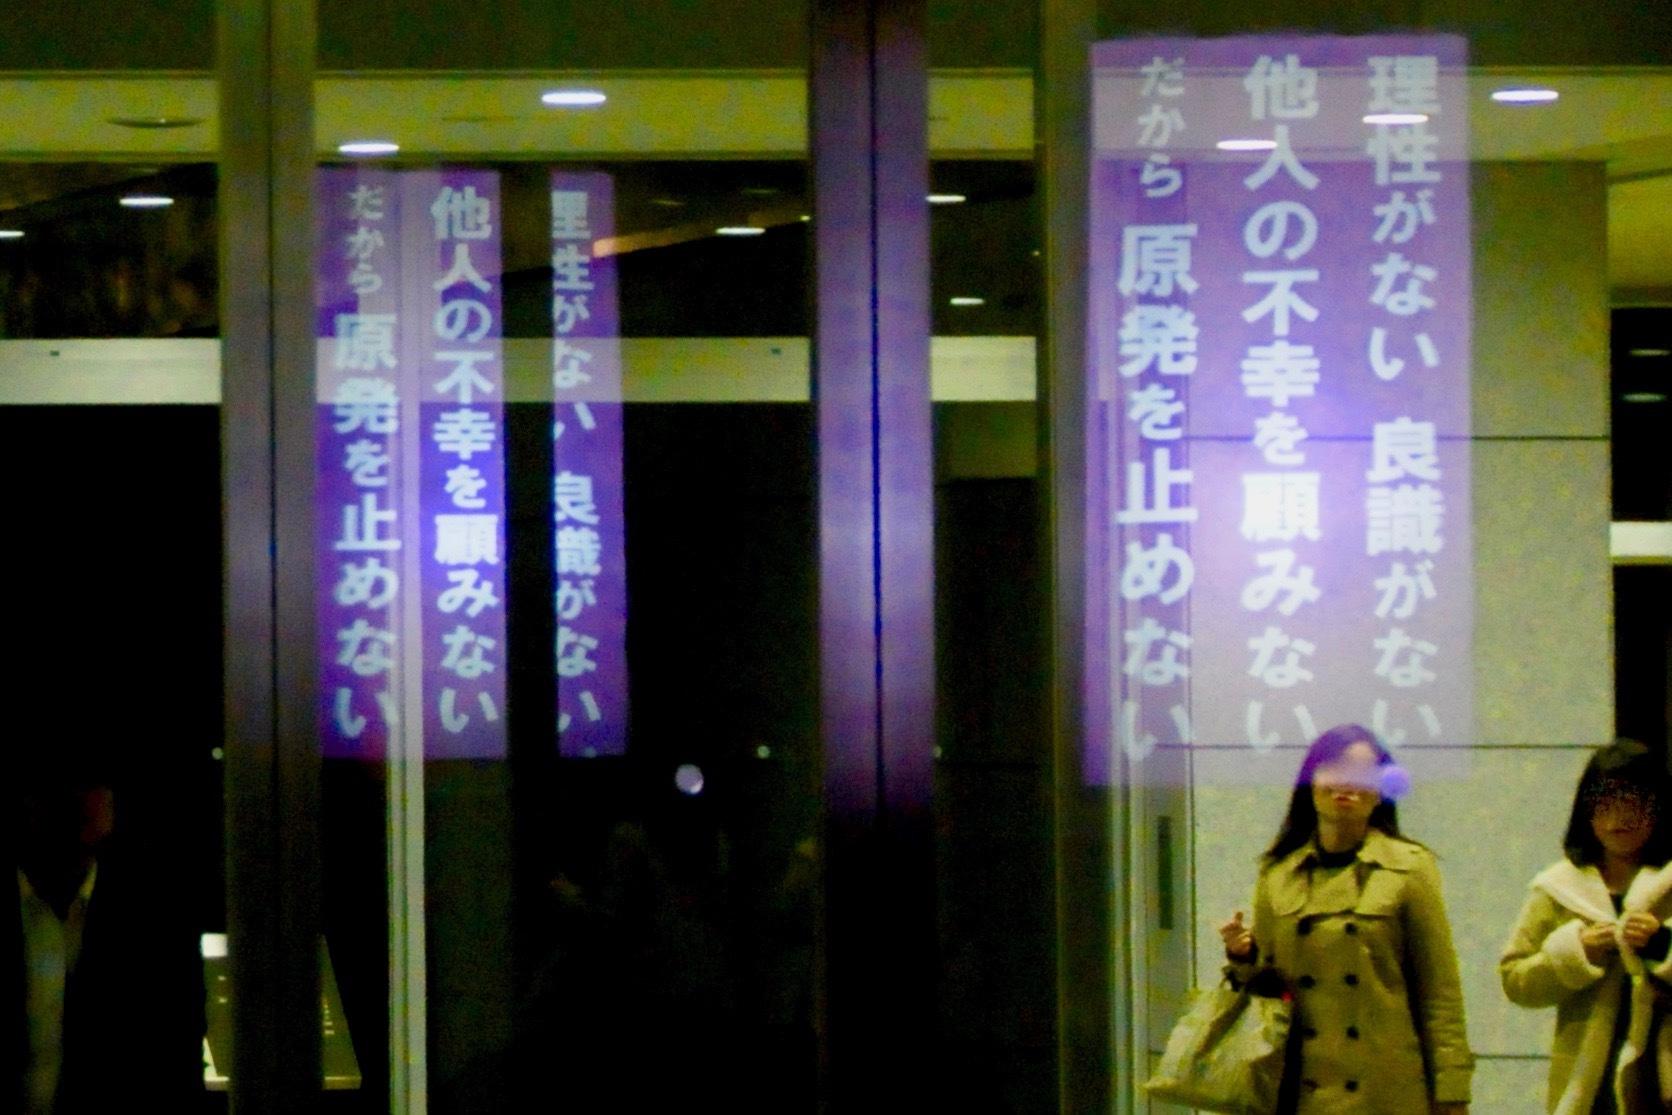 384回目四電本社前再稼働反対抗議レポ 11月15日(金)高松 【 伊方原発を止める。私たちは止まらない。56】【 自宅から一歩も出てはいけない。 】_b0242956_19582307.jpeg